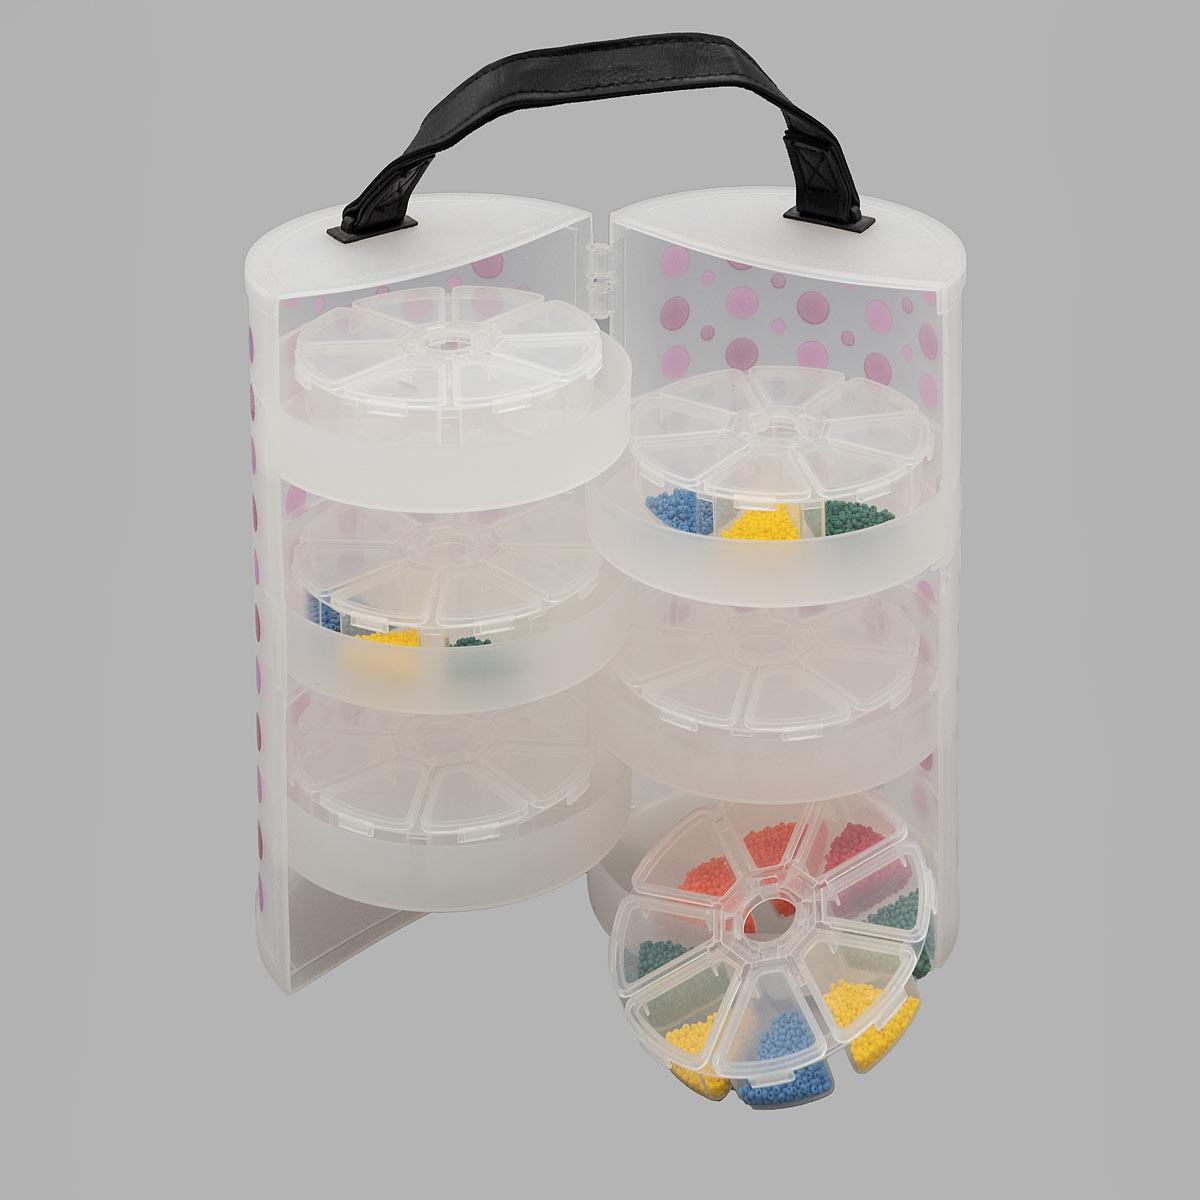 Органайзер для хранения с 6 контейнерами 930529, 13,0x13,0x23,0 см, Hobby&Pro